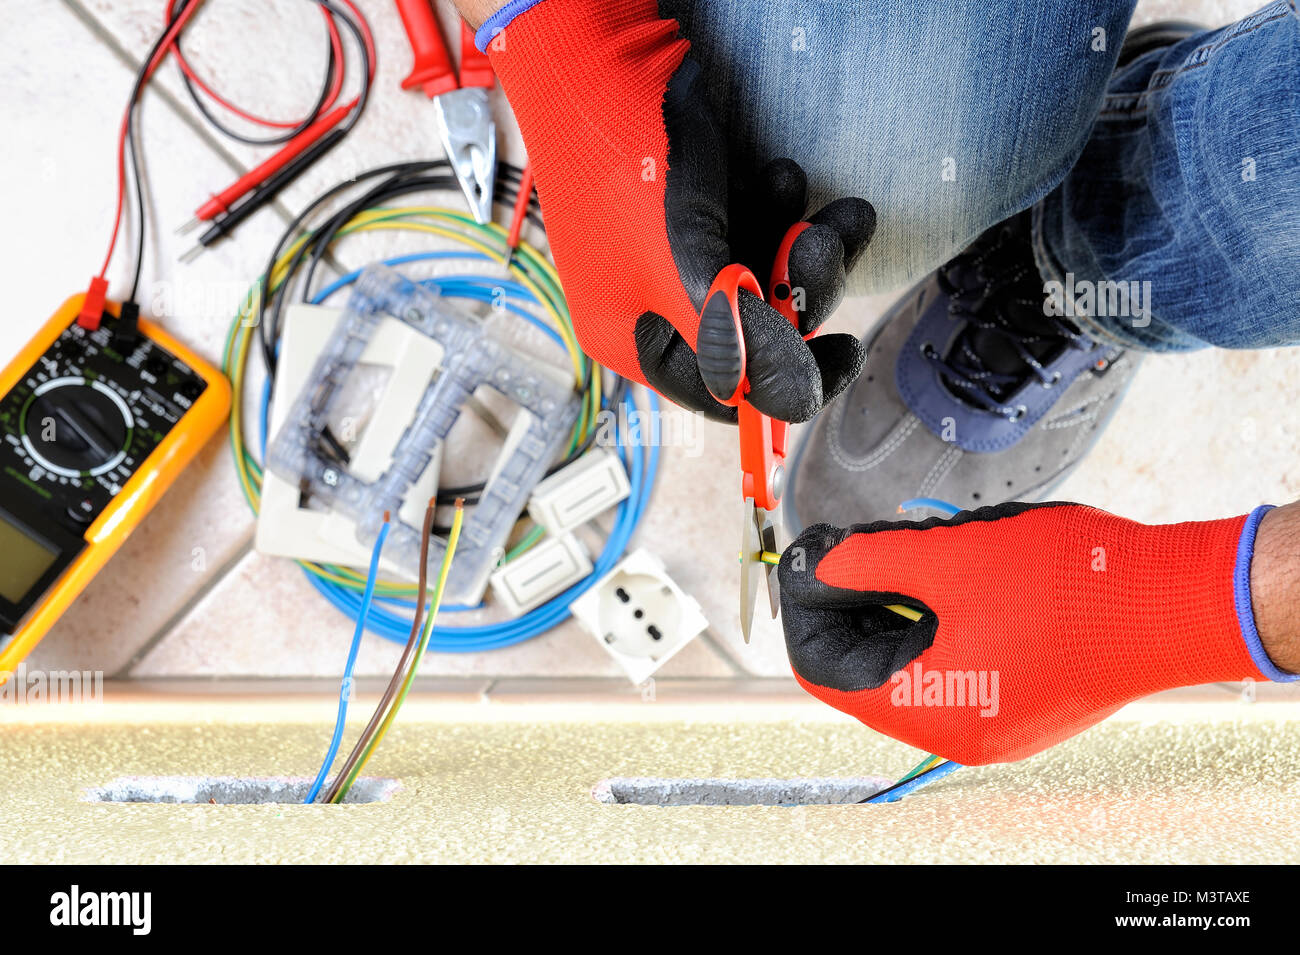 Elektriker Techniker bei der Arbeit mit Schere auf Kabel in einem ...